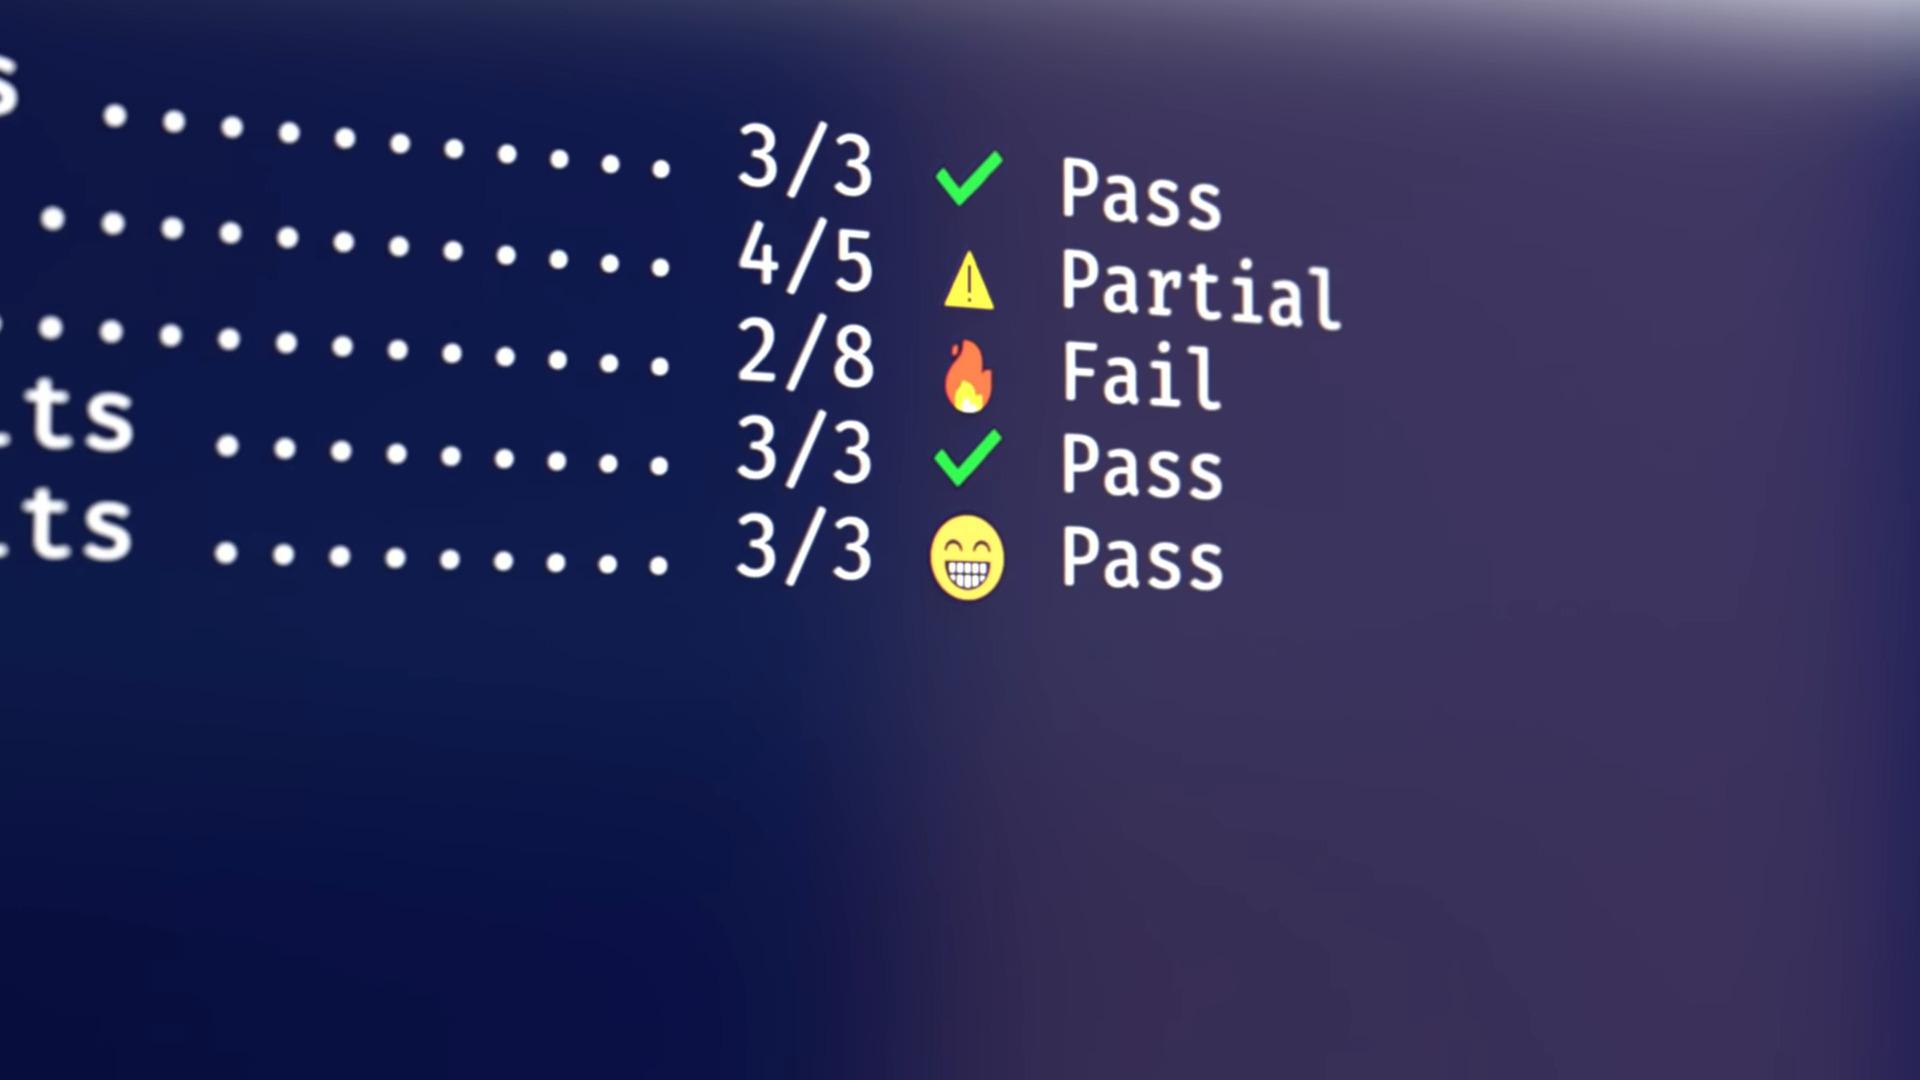 Le nouveau Terminal Windows fait ses débuts sur Windows 10 - Tech